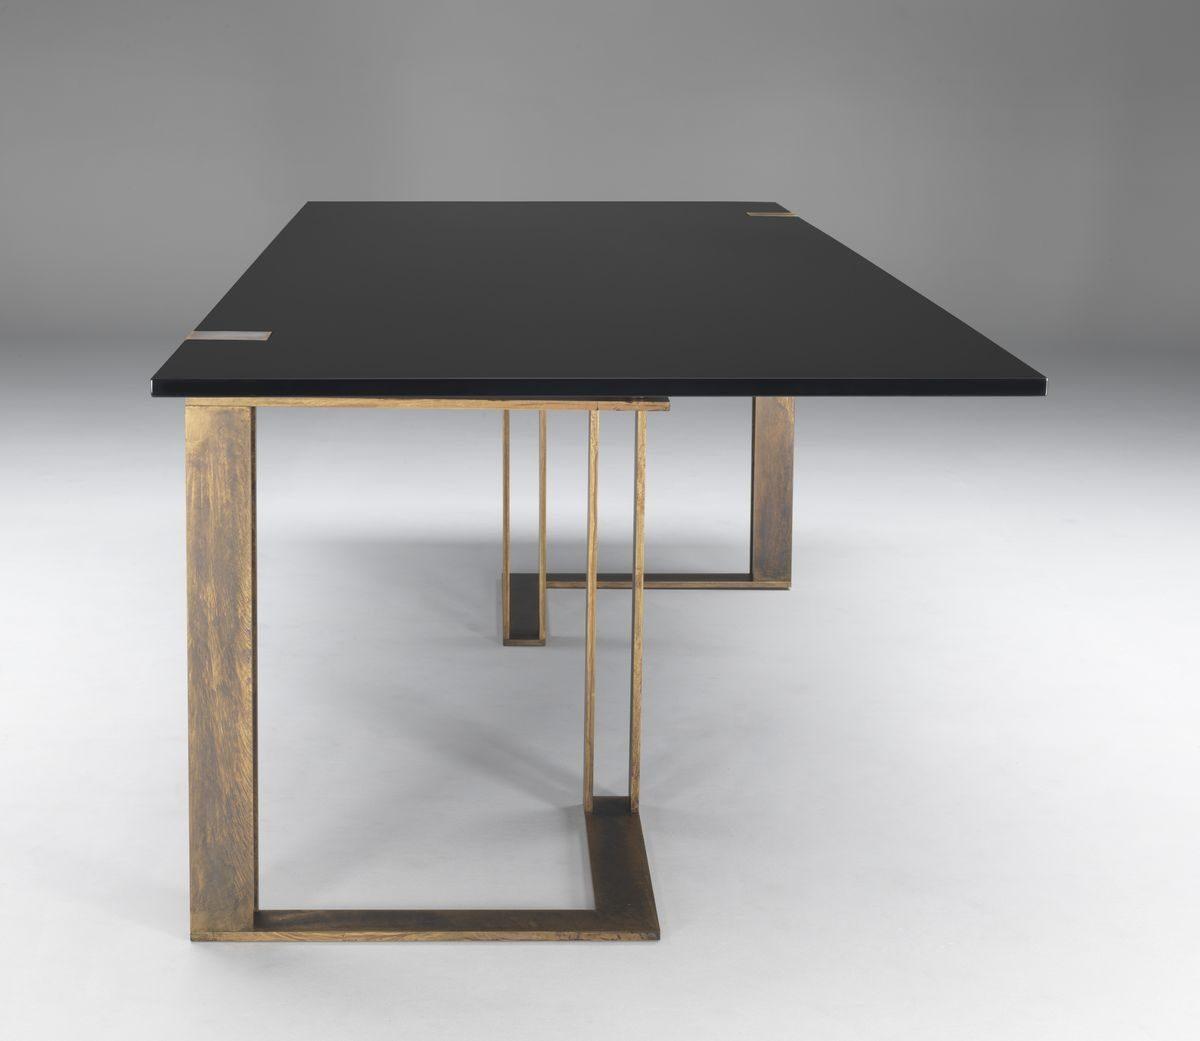 Копия такого стола из камня и металла обойдется ~ 25-40 тыс. грн